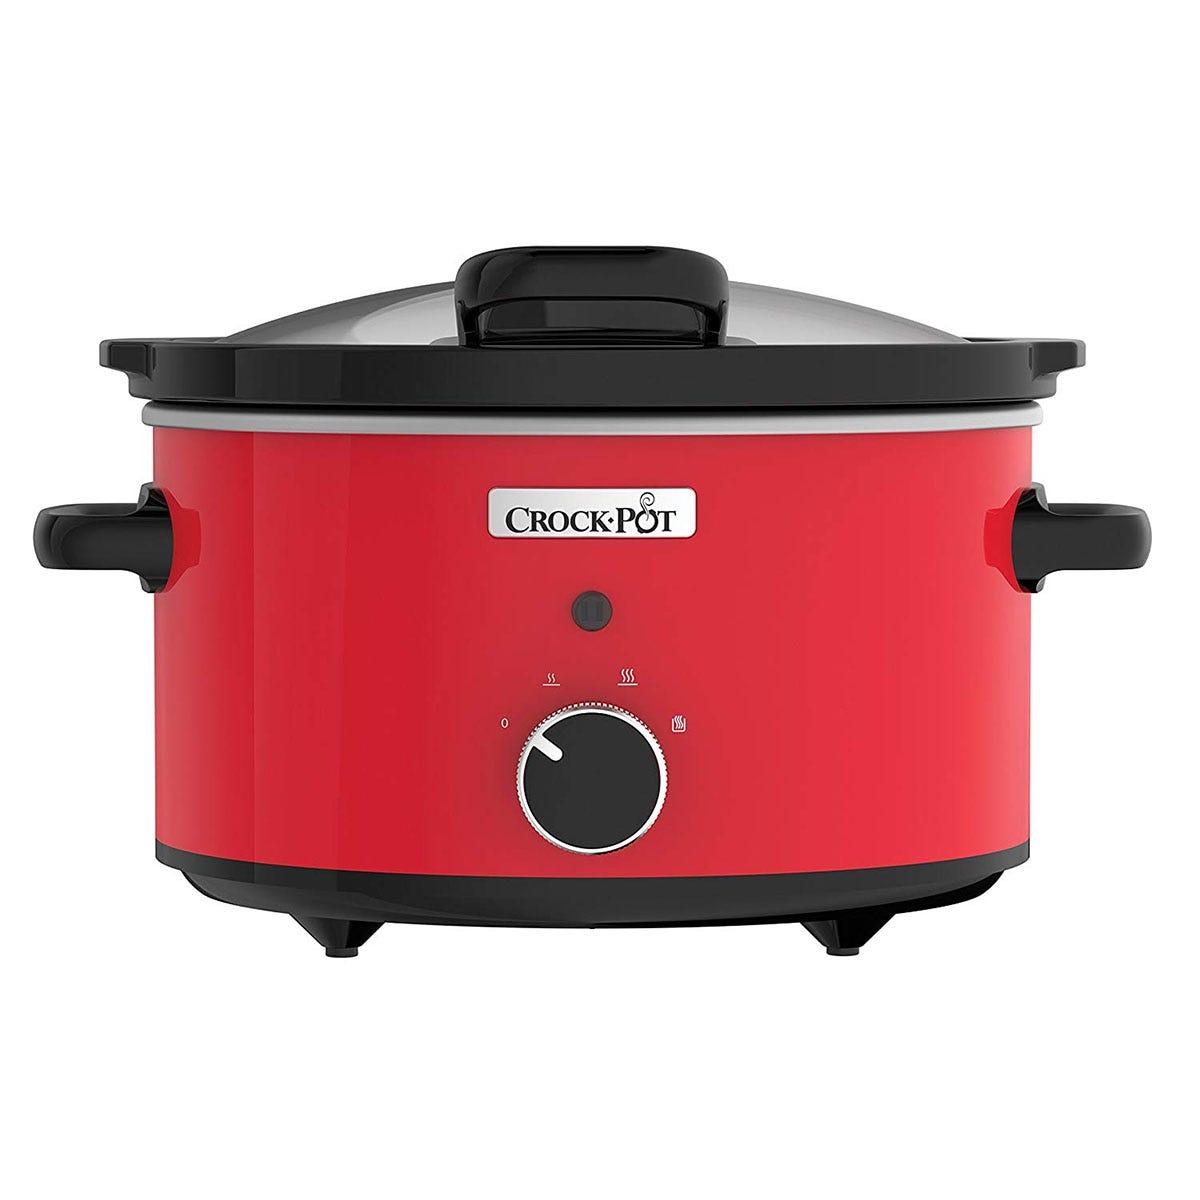 Crock-Pot 3.5L Slow Cooker - Red